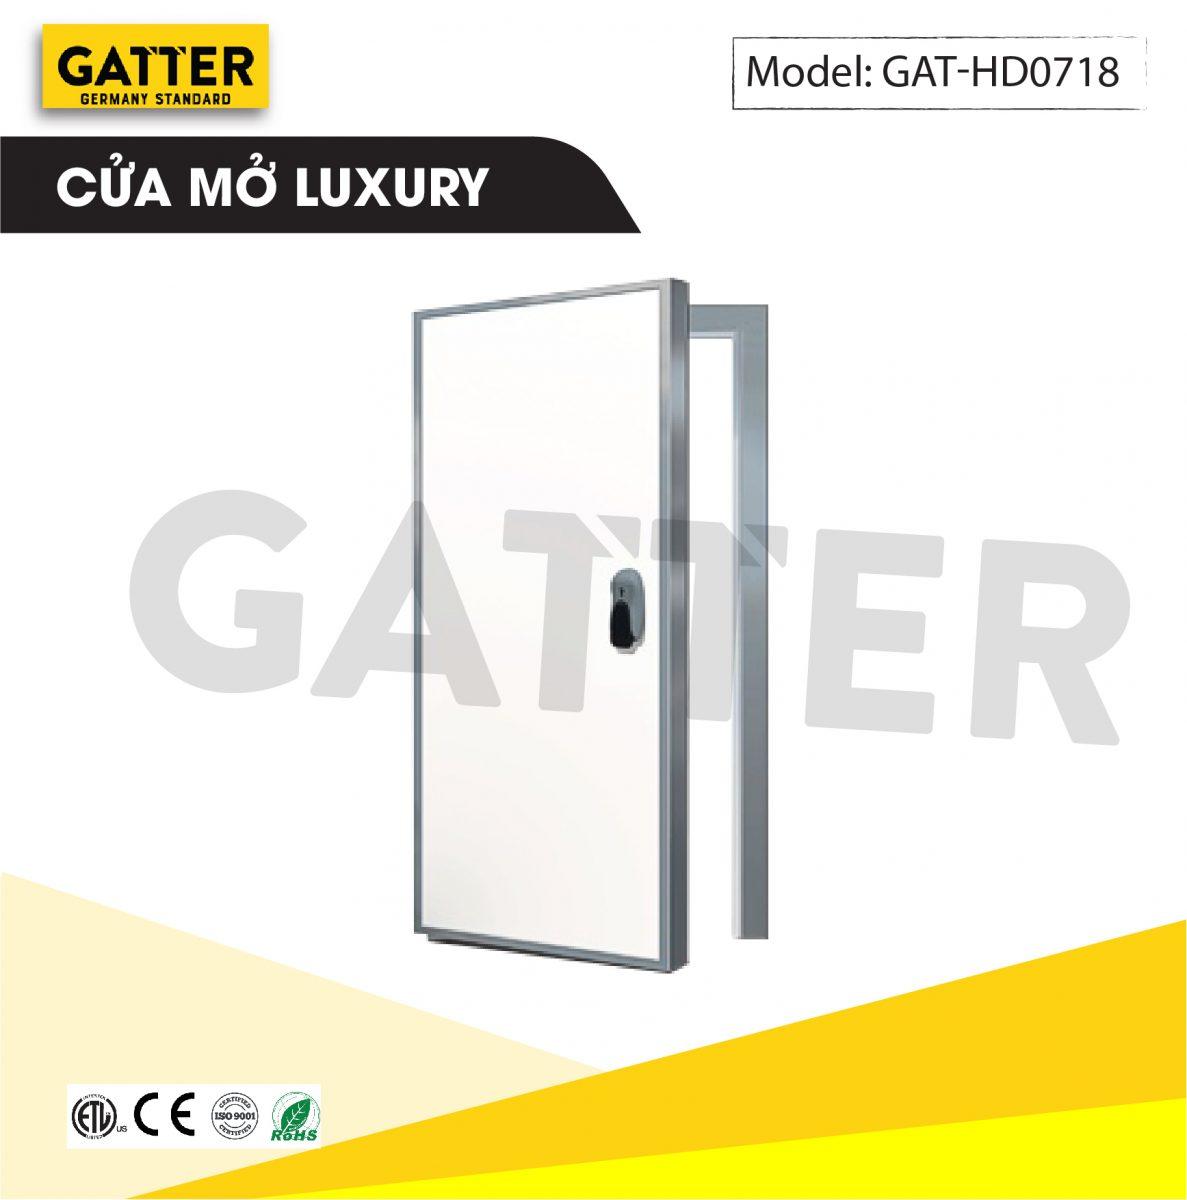 Cửa mở kho lạnh cao cấp Luxury GAT-HD/0718